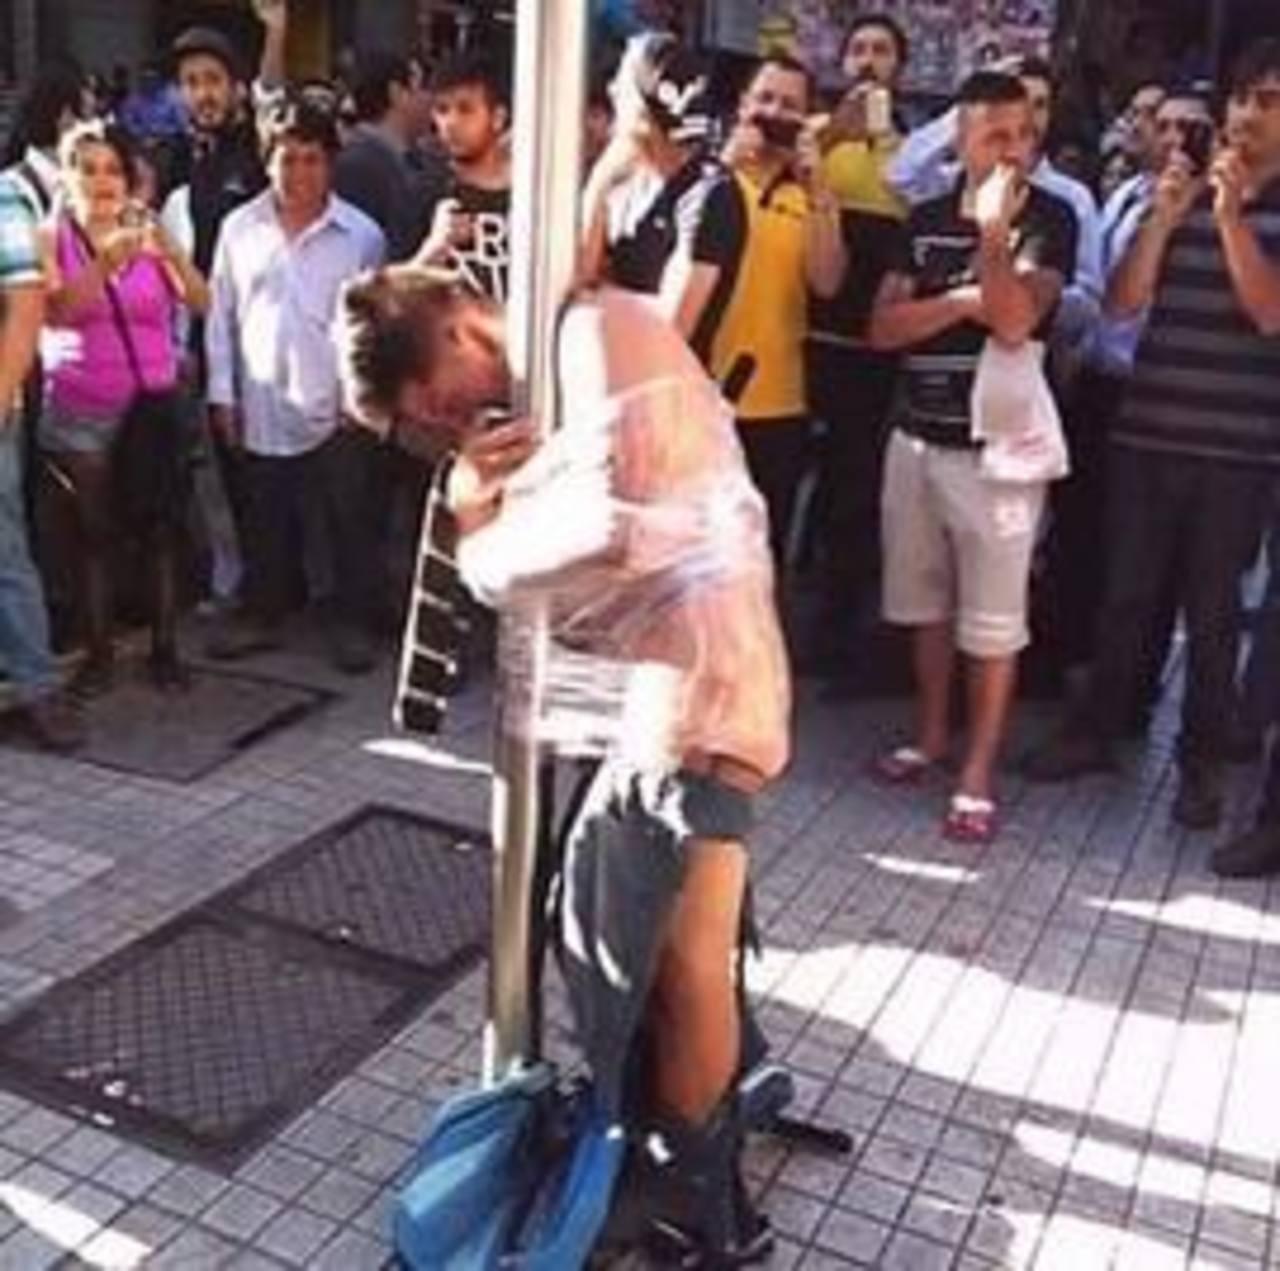 Atan a un poste a ladrón que robó a un anciano en Chile